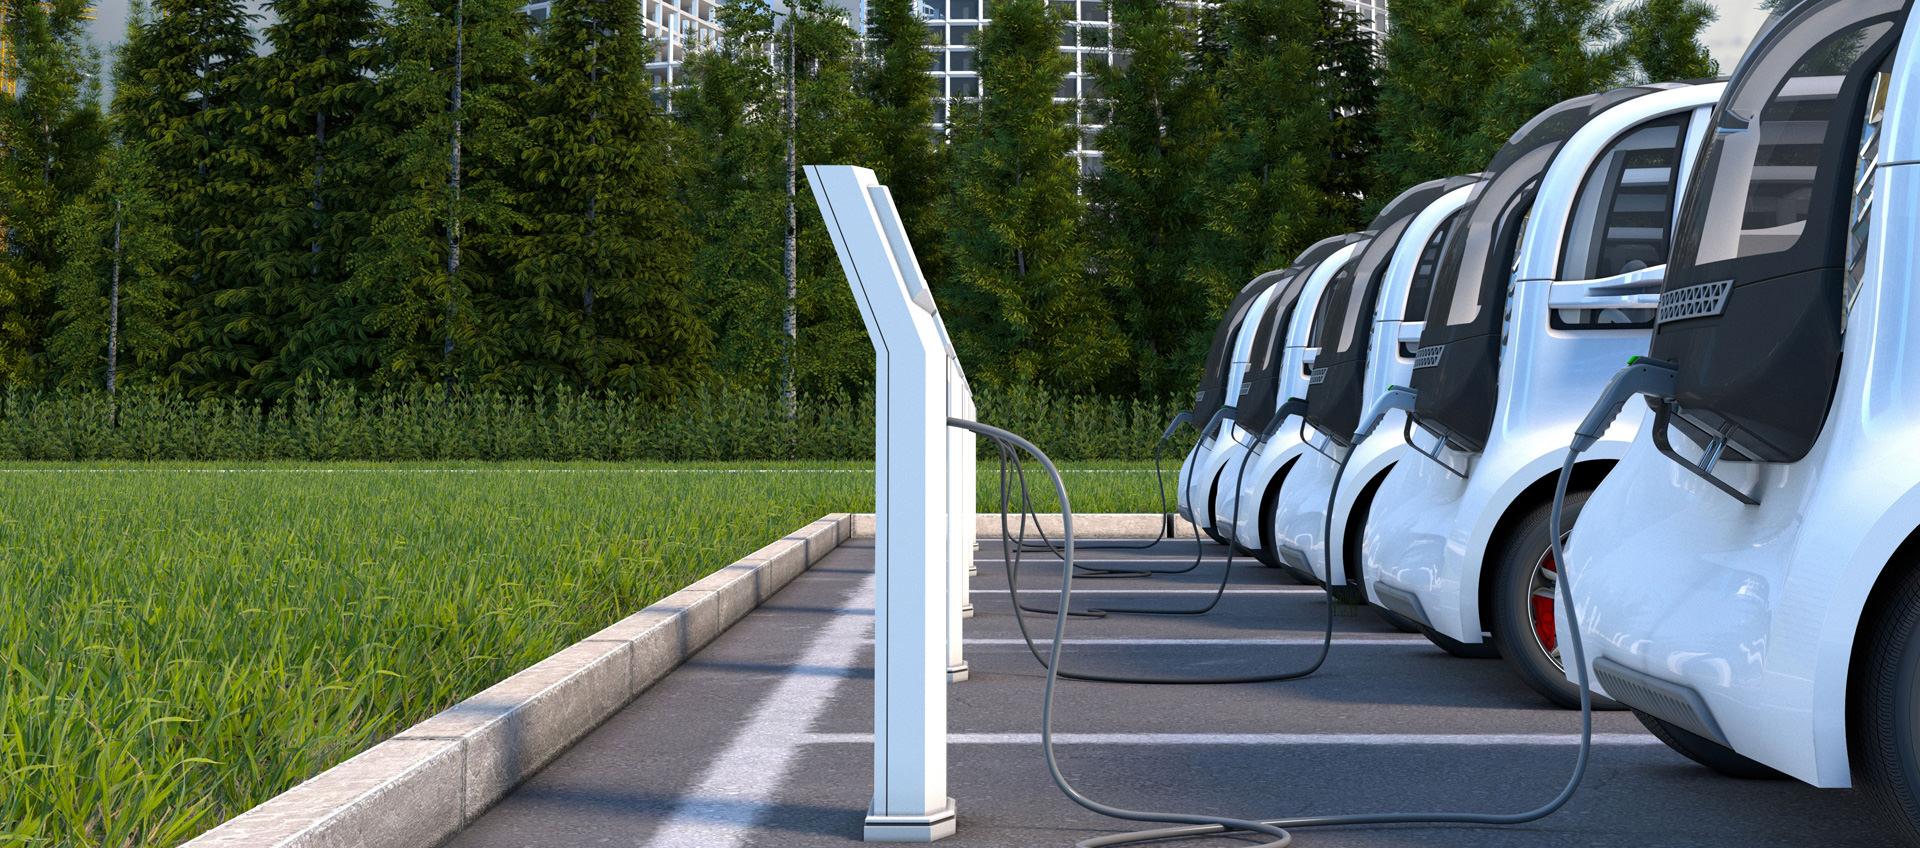 Immer mehr Elektroautos kommen als Dienstwagen und Flottenfahrzeuge zum Einsatz